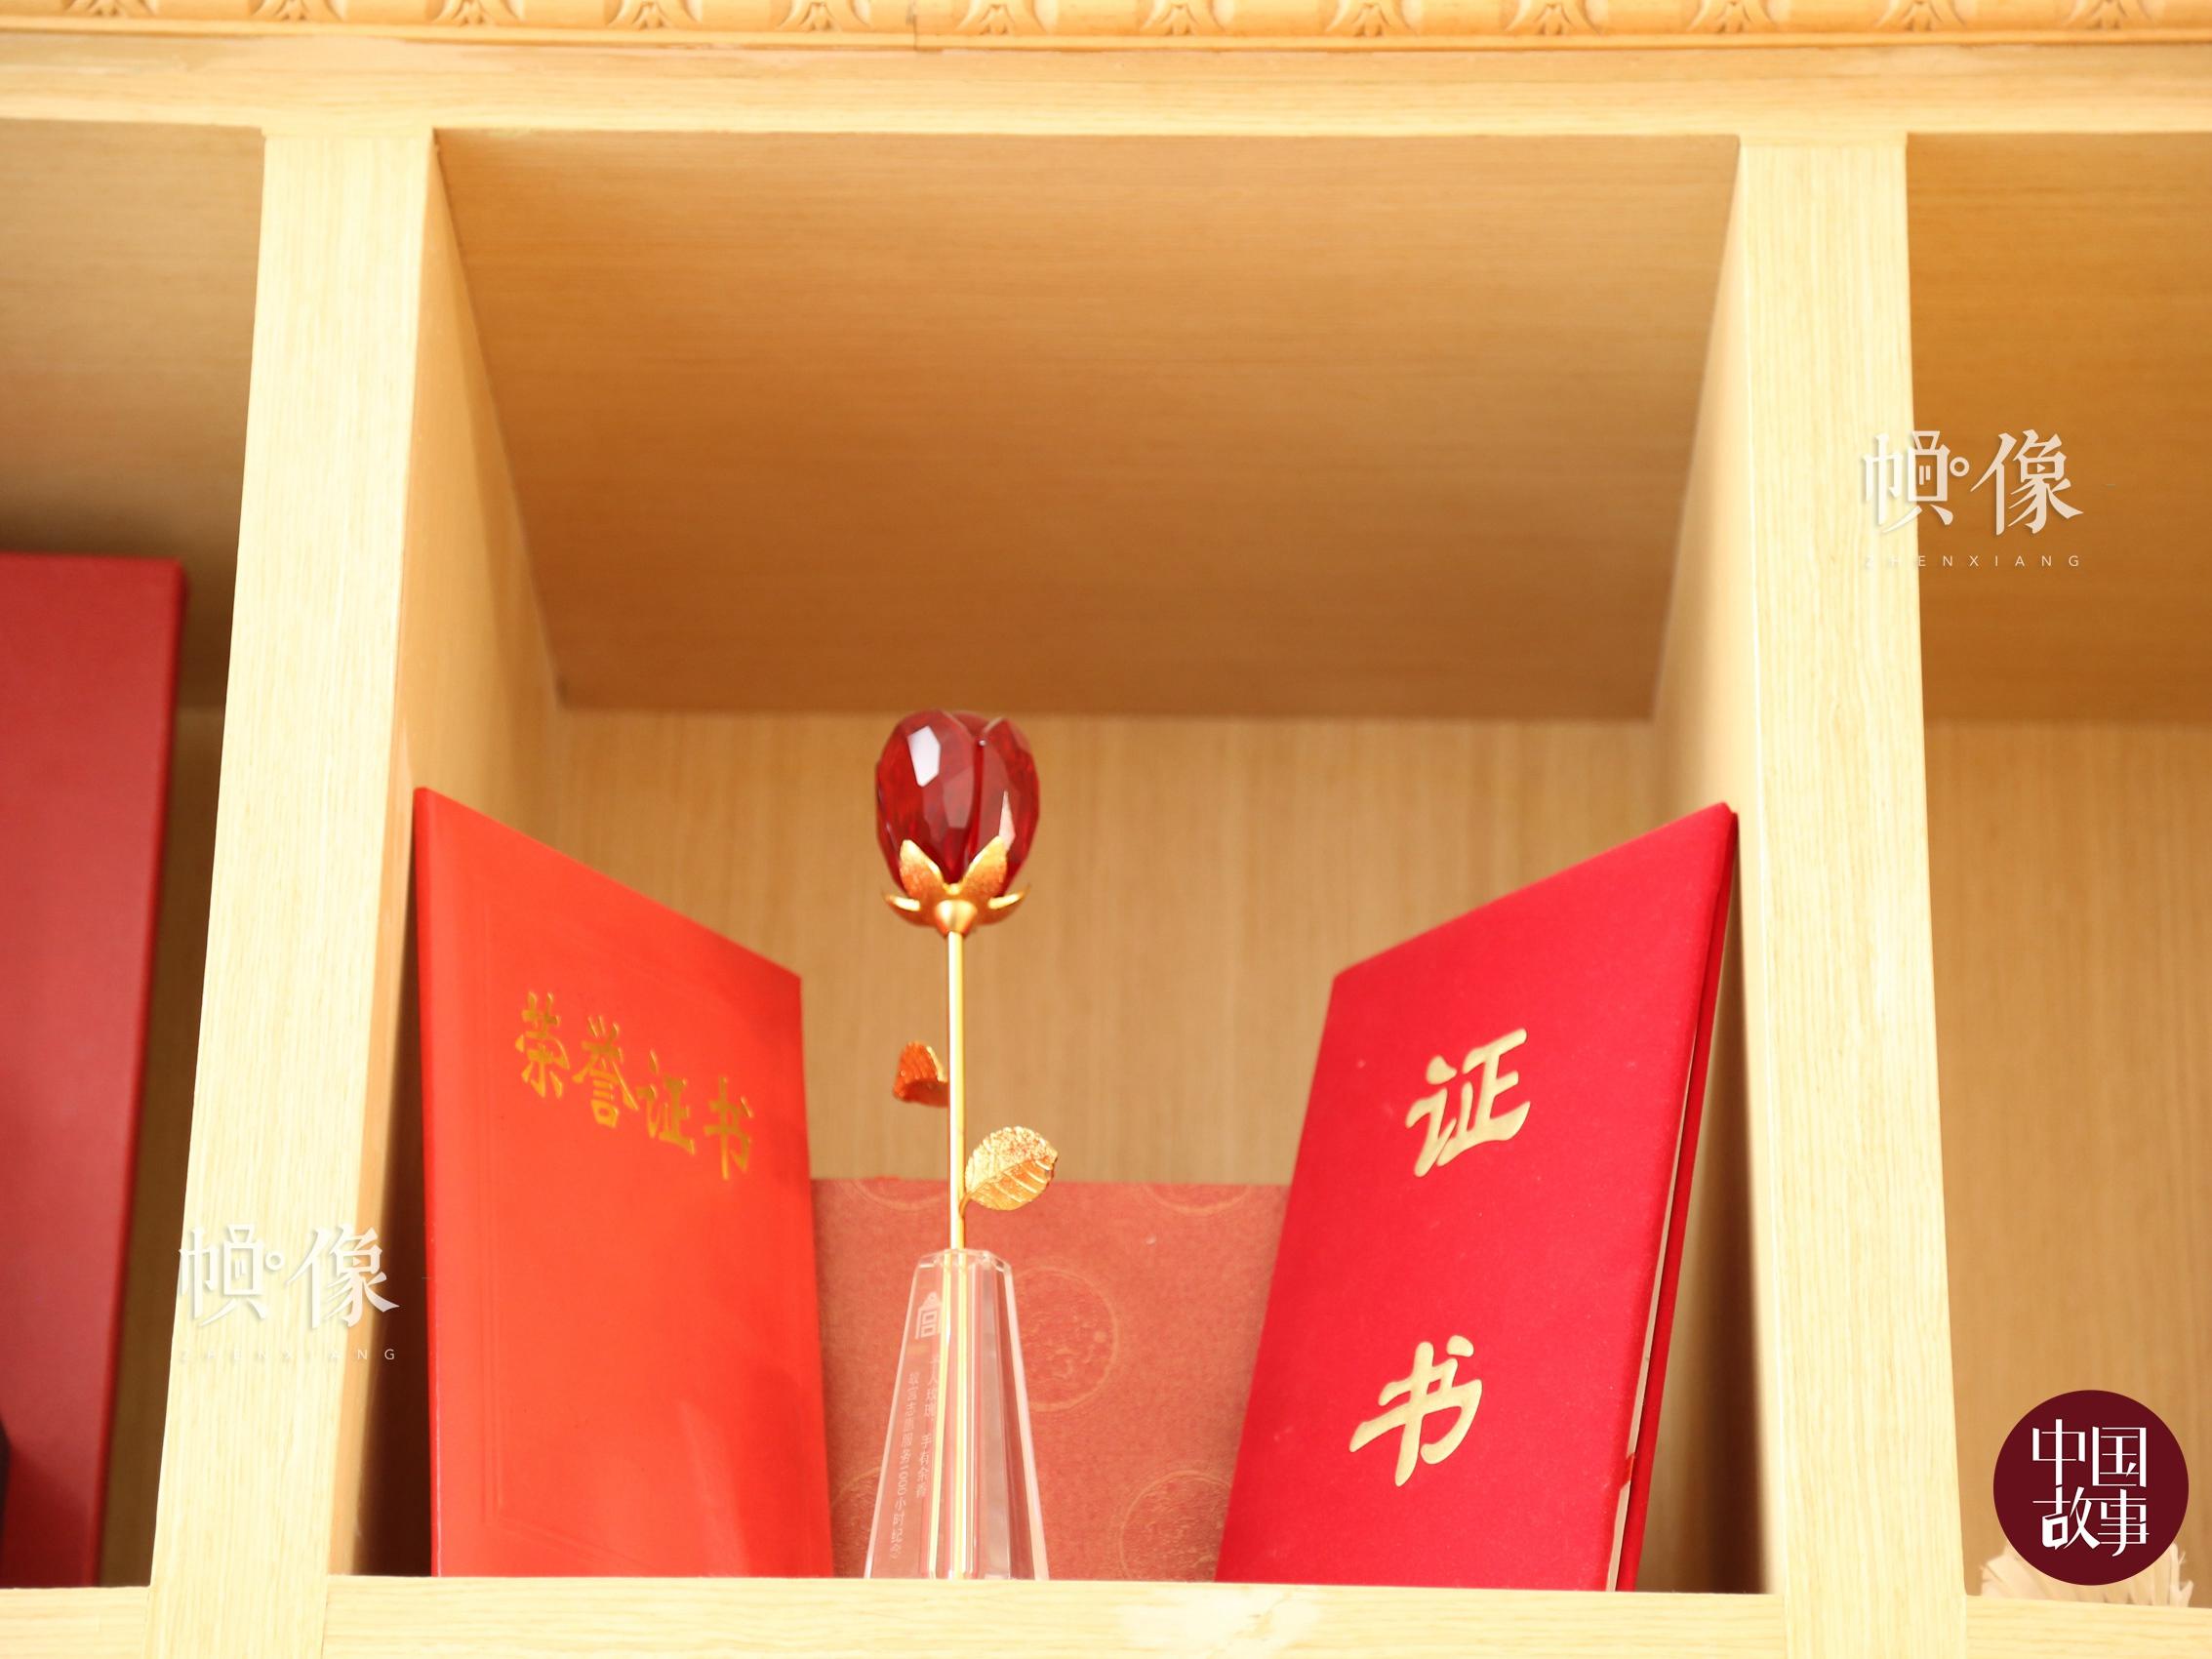 """故宫为服务满 1000 小时志愿者颁发的奖杯""""水晶玫瑰"""",寓意着赠人玫瑰,手有余香。 中国网记者 赵超 摄"""